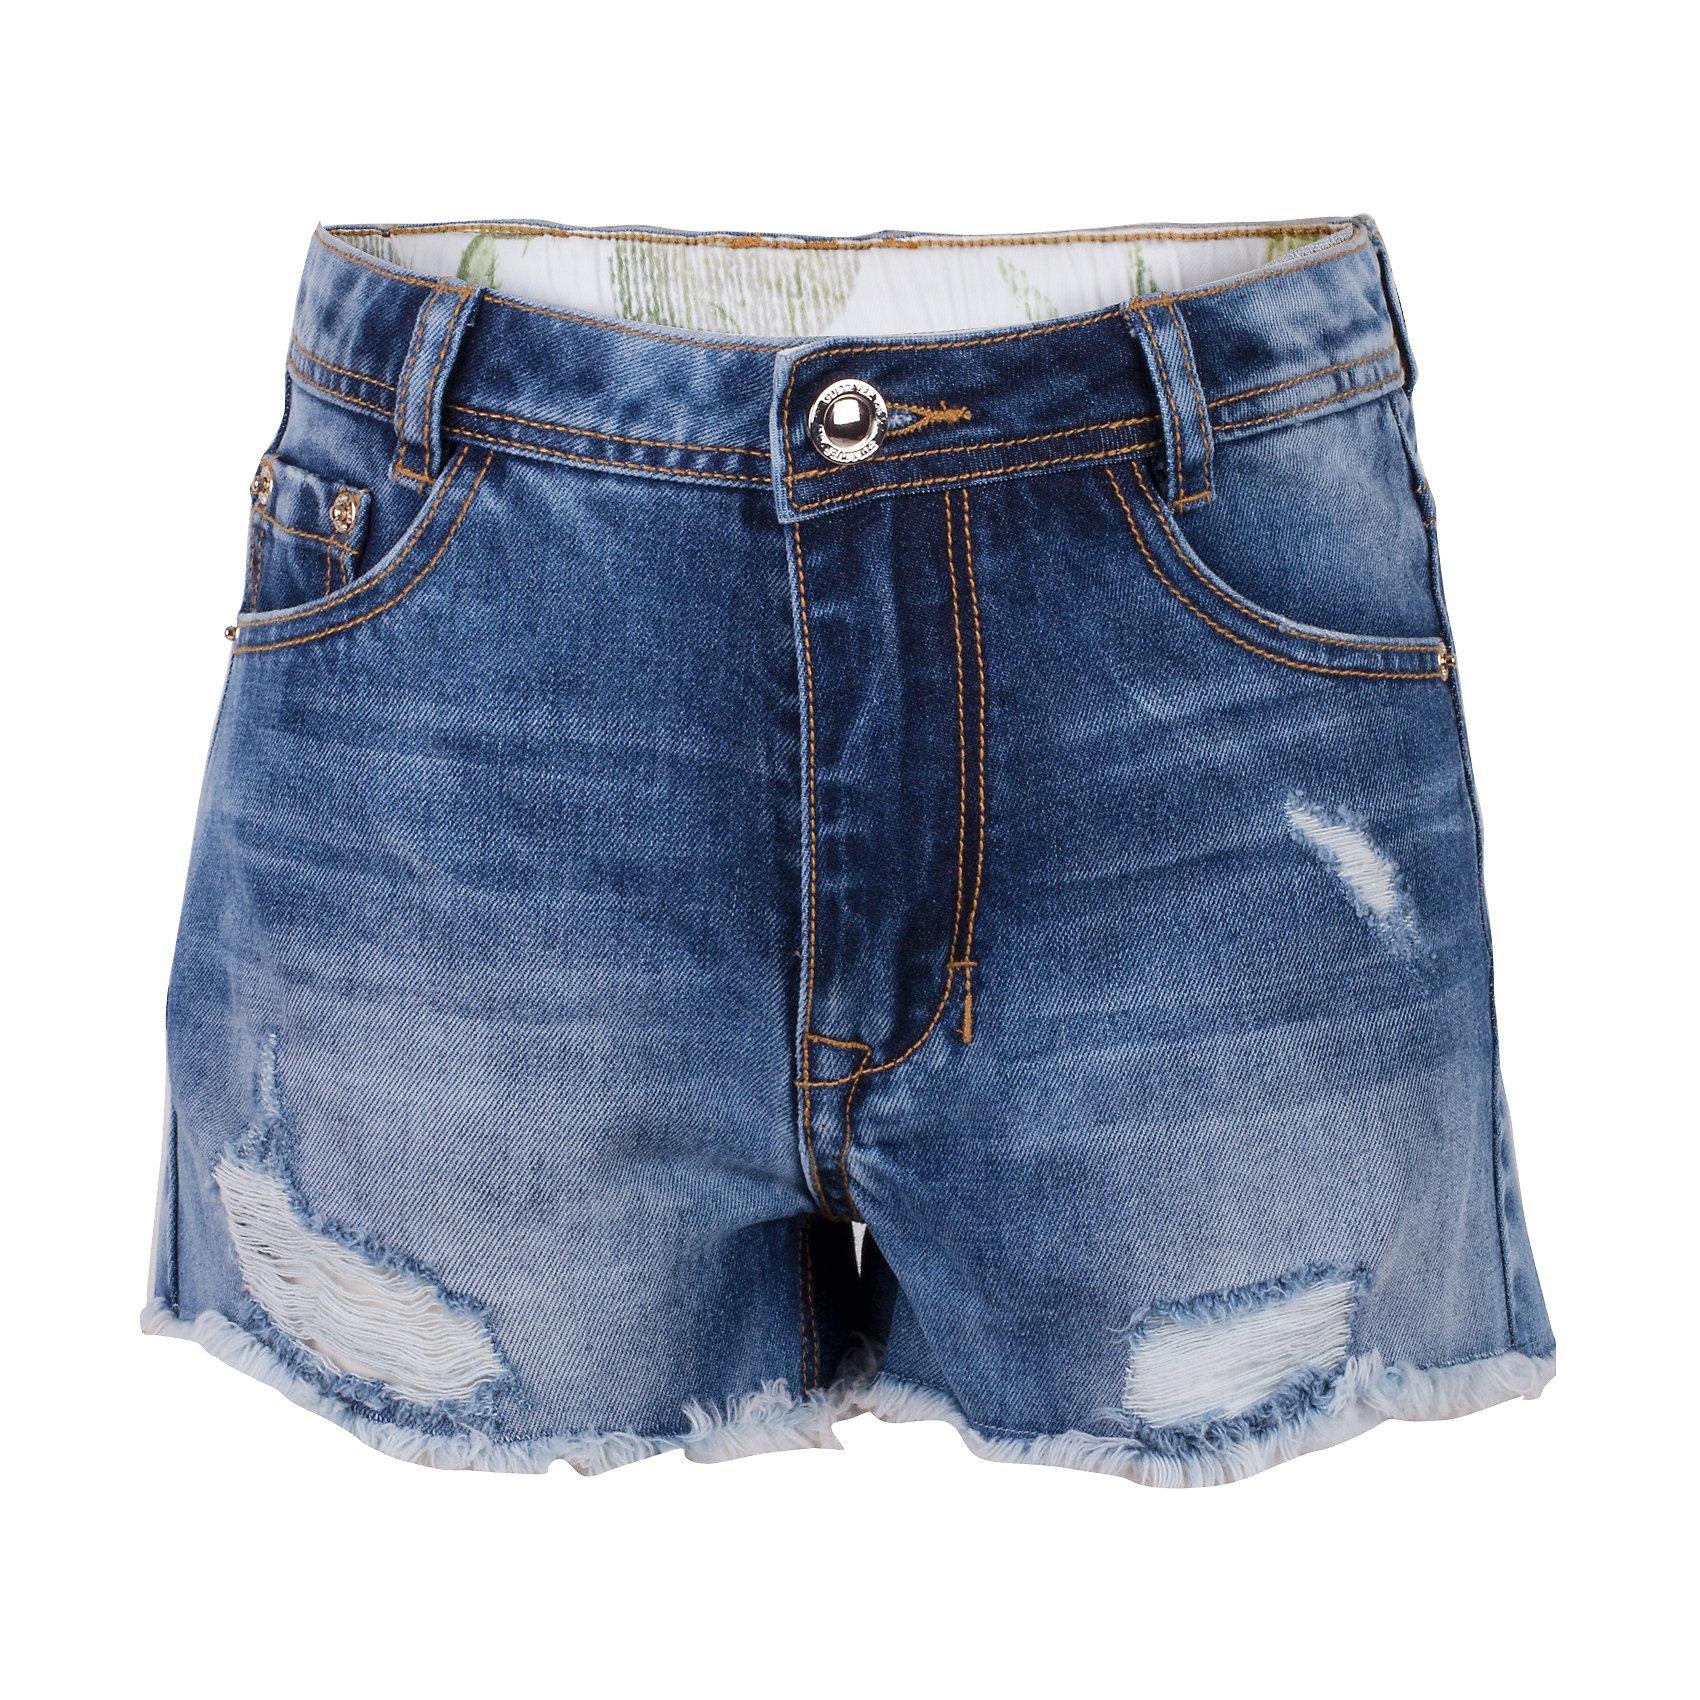 Шорты джинсовые для девочки GulliverДжинсовая одежда<br>Школьный сезон позади и пора составлять летний гардероб ребенка...Джинсовые шорты для девочки - вещь совершенно необходимая! Они подарят 100% комфорт и сделают образ  стильным и современным. Летние шорты с эффектными повреждениями и варкой, будут лучшим подарком для девочки-модницы. Если вы решили купить шорты, остановите свой выбор на этой модели! Модные джинсовые шорты из 100% хлопка - ваш ответ жаркому лету!<br>Состав:<br>100% хлопок<br><br>Ширина мм: 191<br>Глубина мм: 10<br>Высота мм: 175<br>Вес г: 273<br>Цвет: голубой<br>Возраст от месяцев: 156<br>Возраст до месяцев: 168<br>Пол: Женский<br>Возраст: Детский<br>Размер: 146,164,152,158<br>SKU: 5483155